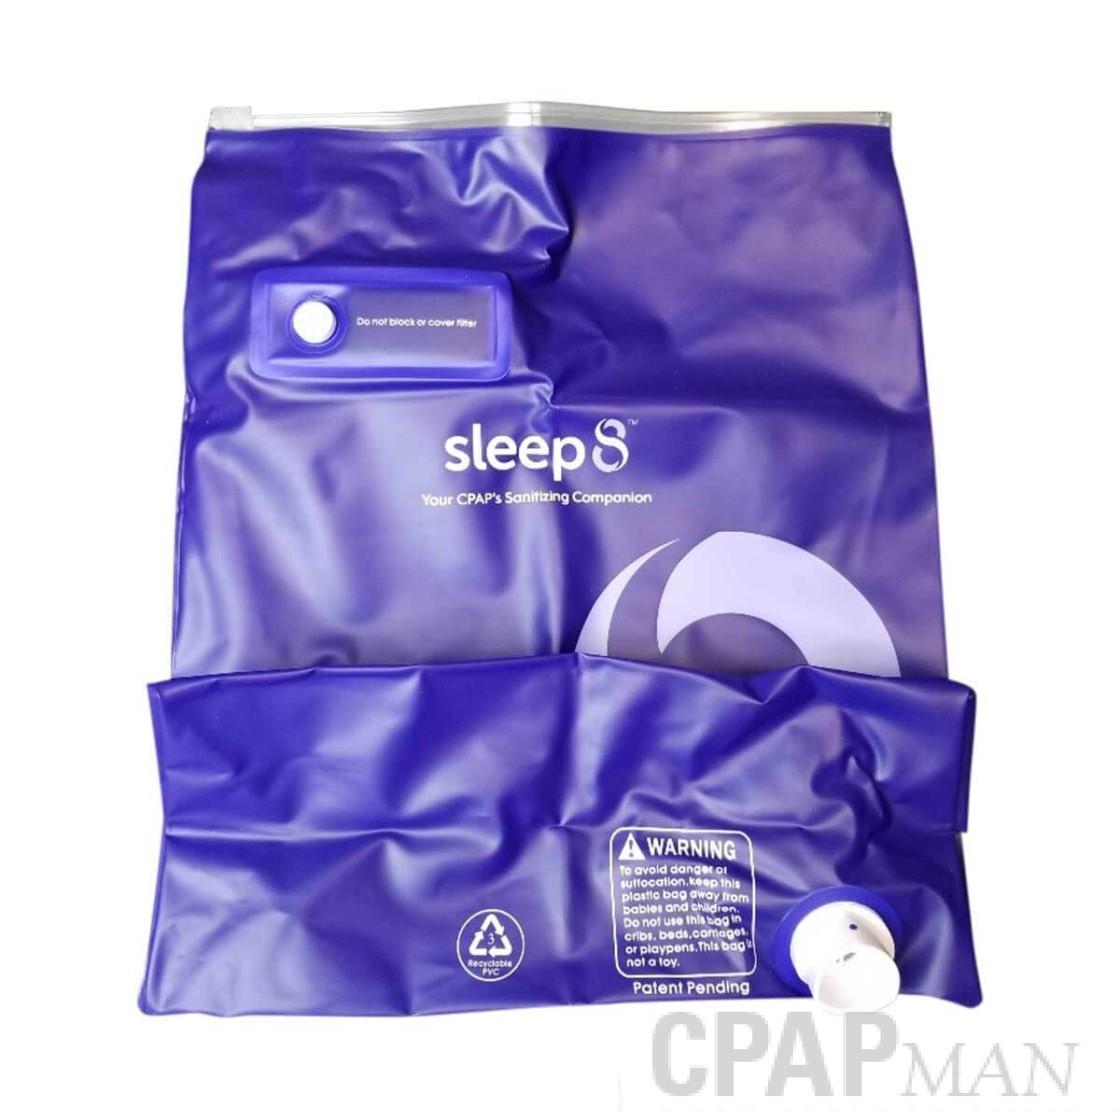 Sleep8 Filter Bag Replacement